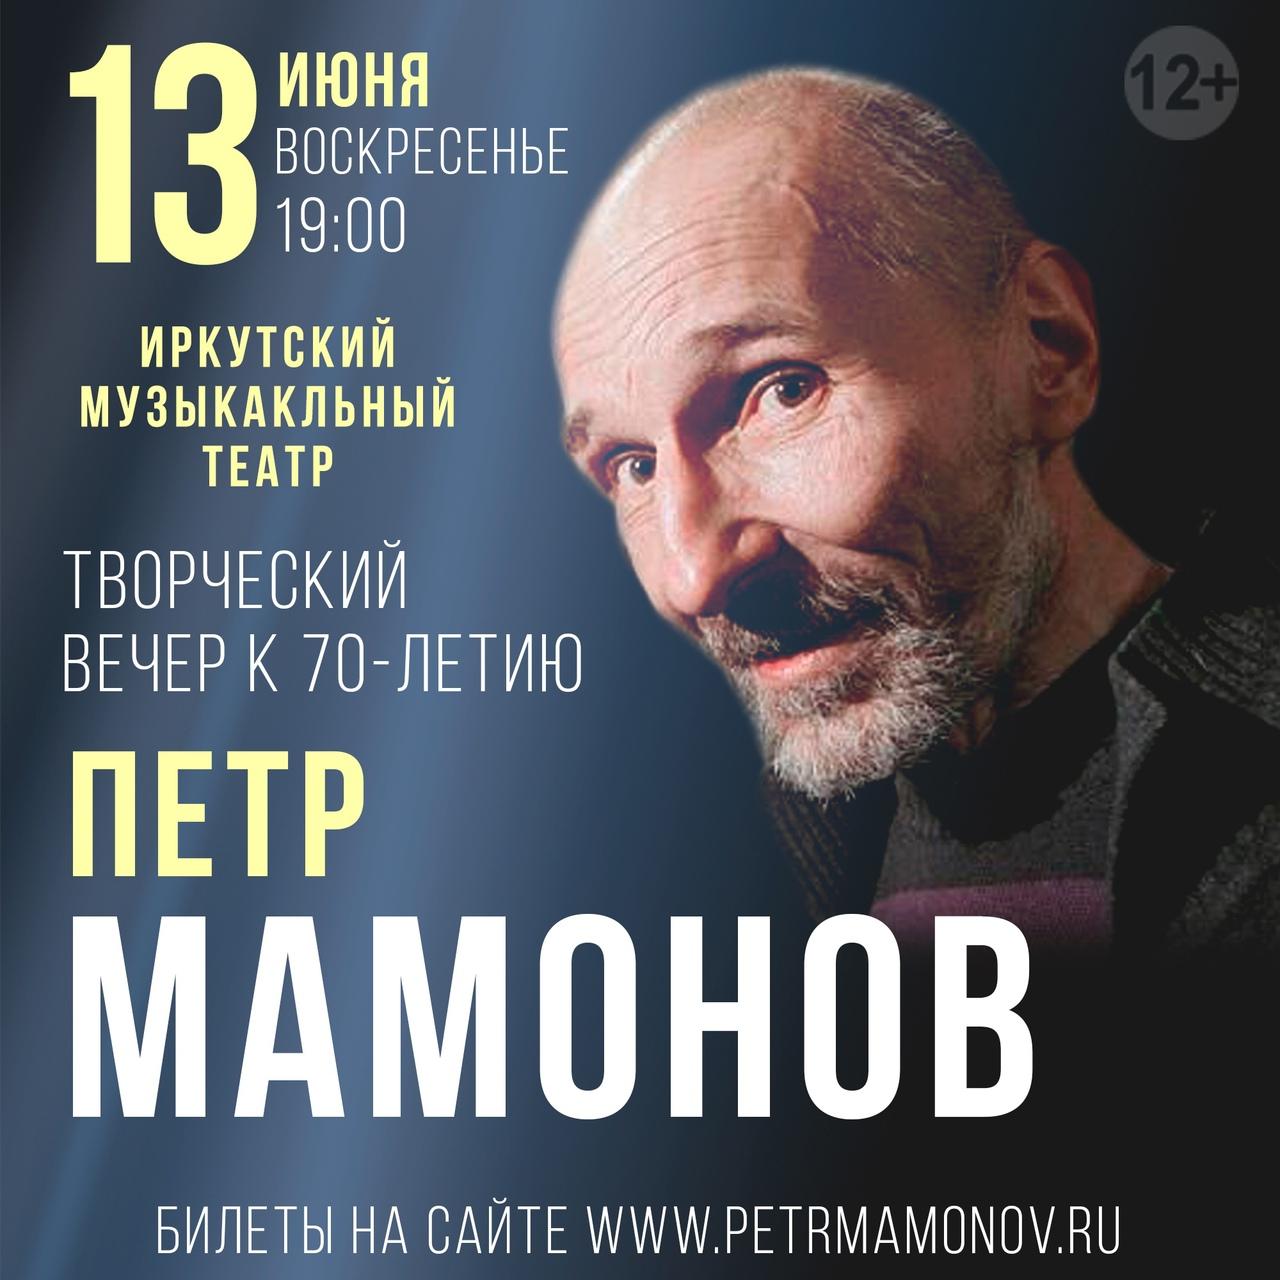 Афиша Иркутск 13.06.21/ Иркутск / Петр Мамонов